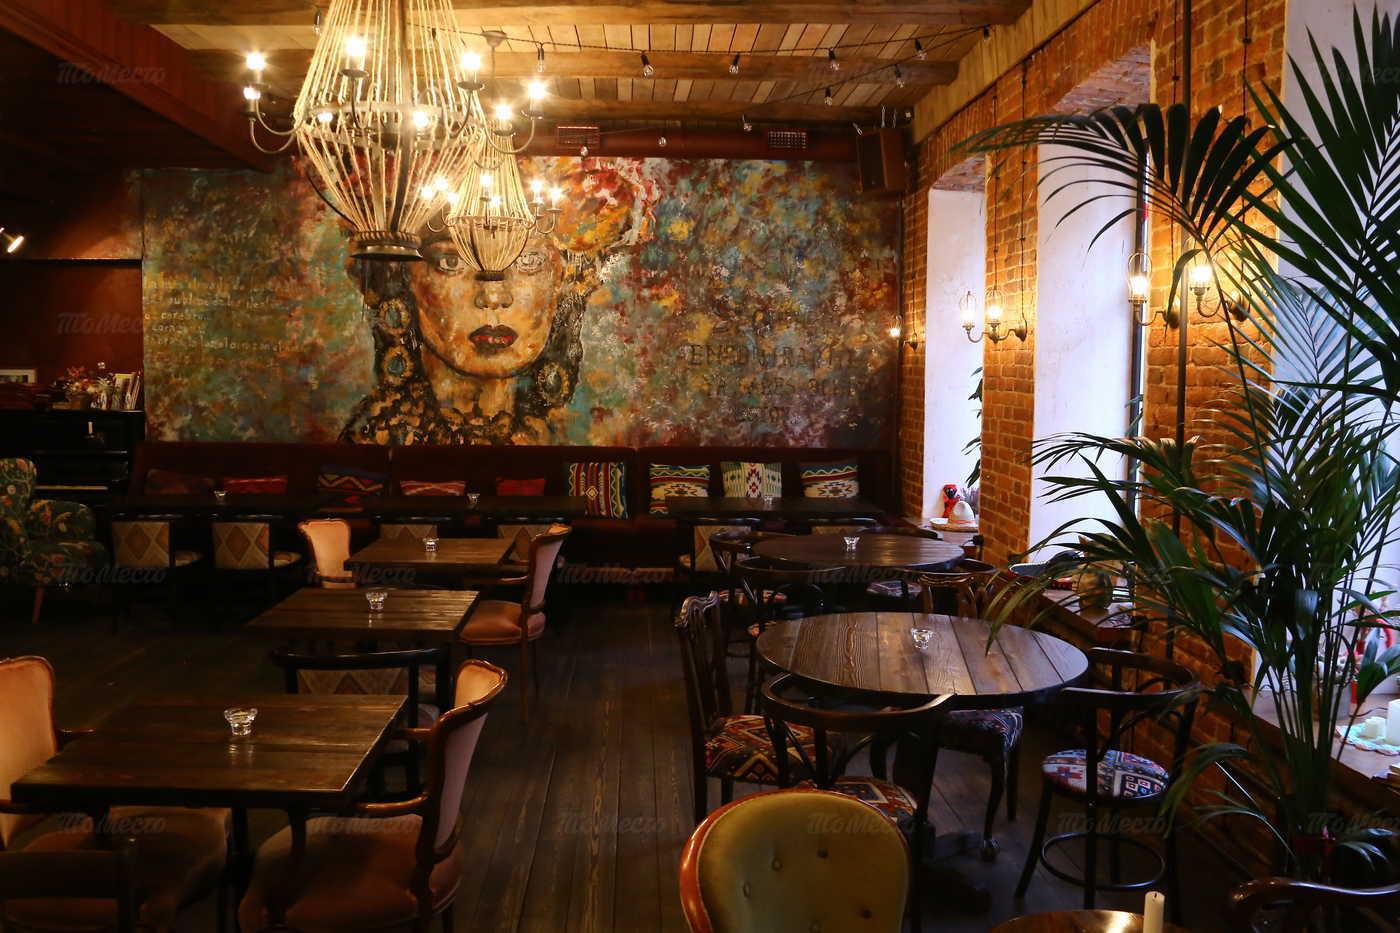 Ресторан Мапуче (Mapuche) на улице Некрасова